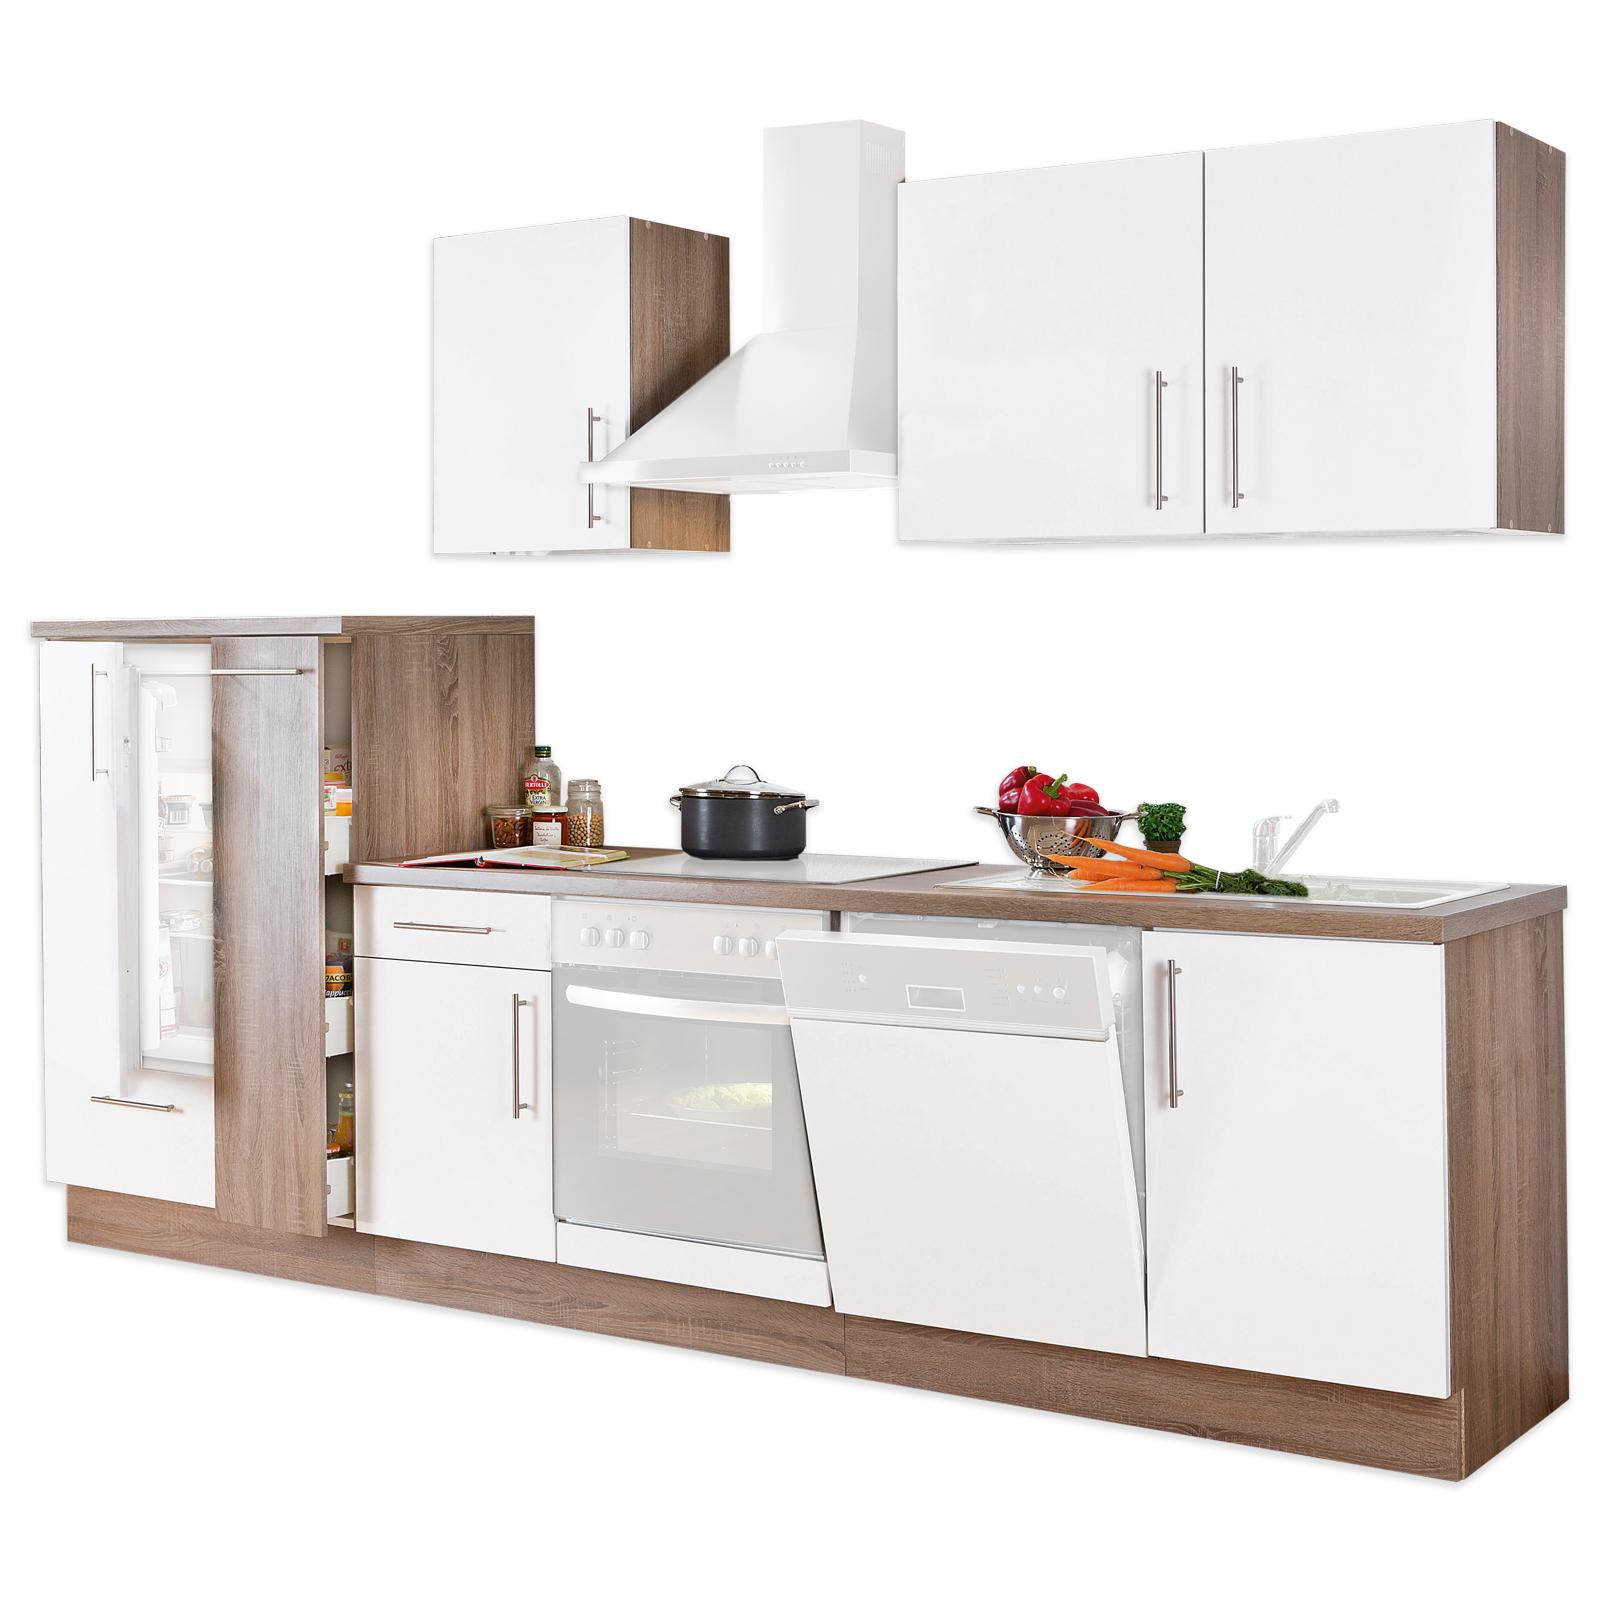 Full Size of Küchen Roller Kchenblock Wei Lacklaminat Matt Trffel 310 Cm Online Regal Regale Wohnzimmer Küchen Roller